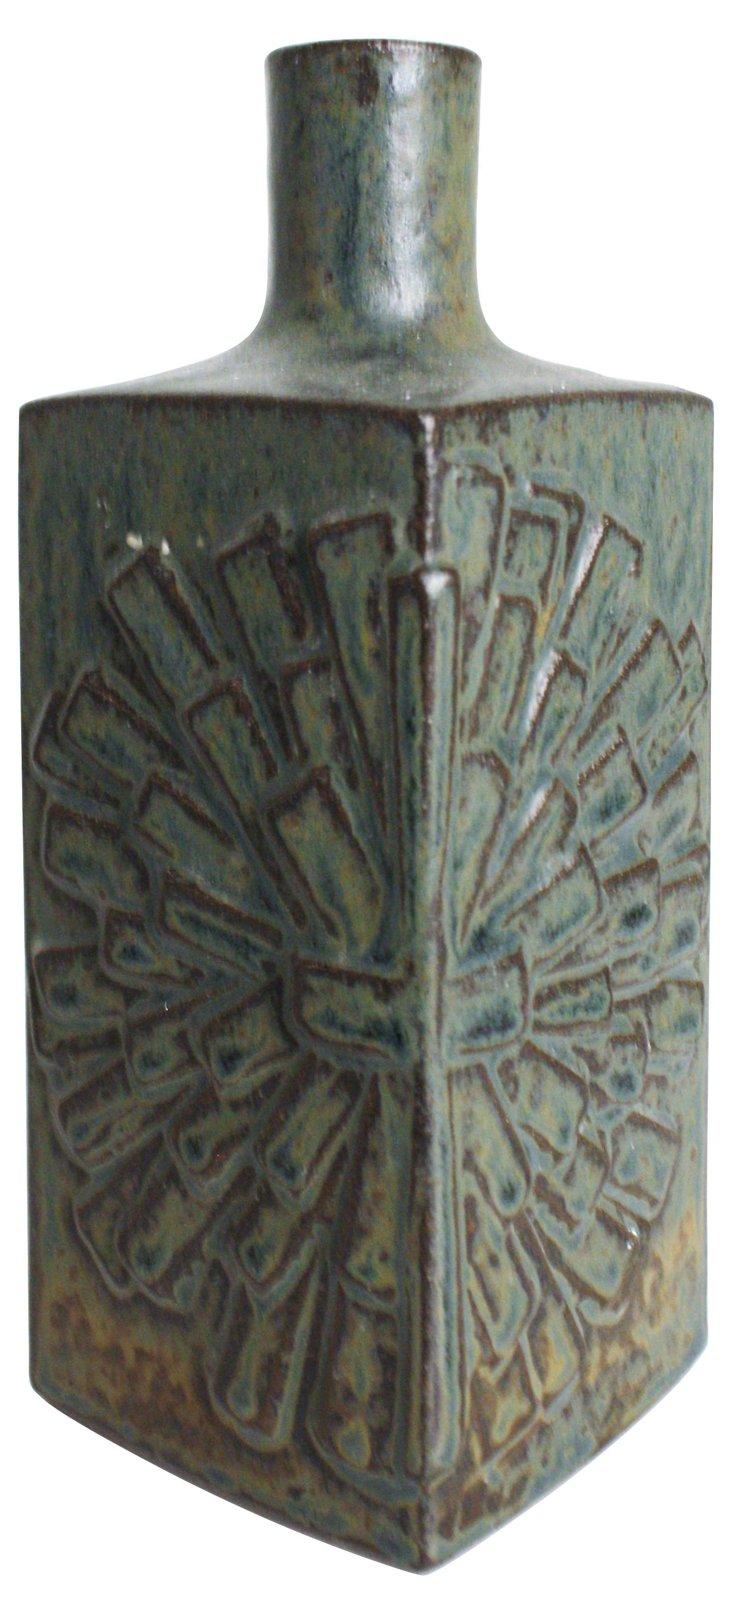 Starburst Vase